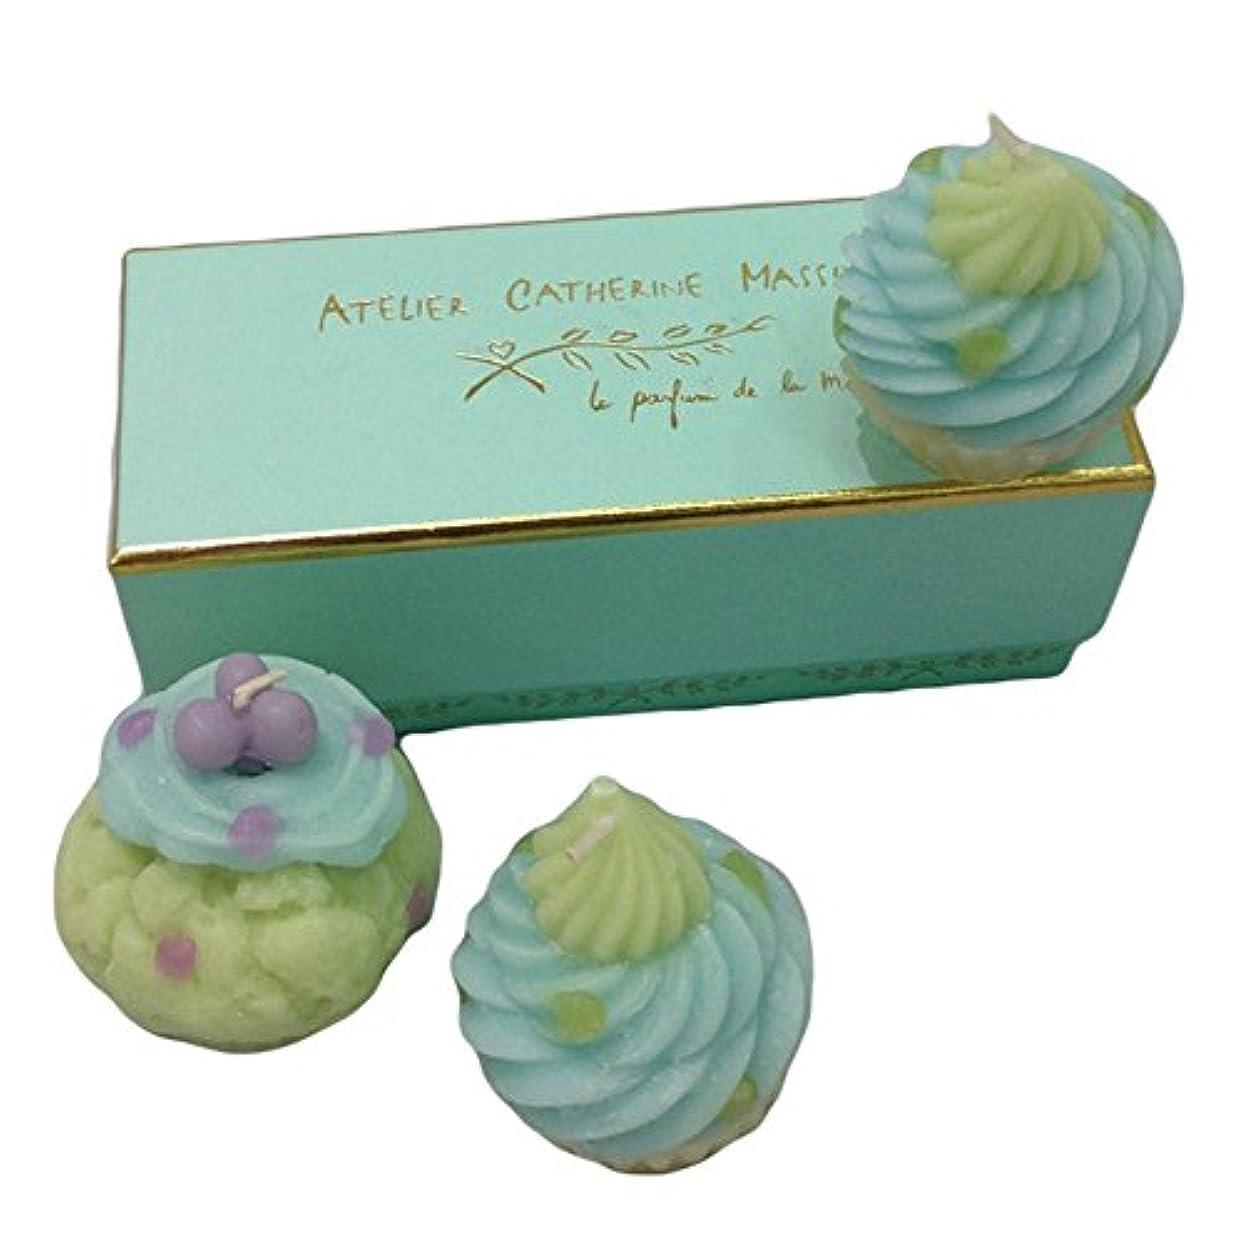 従順な圧縮見えるカップケーキキャンドル3SET(グリーン)